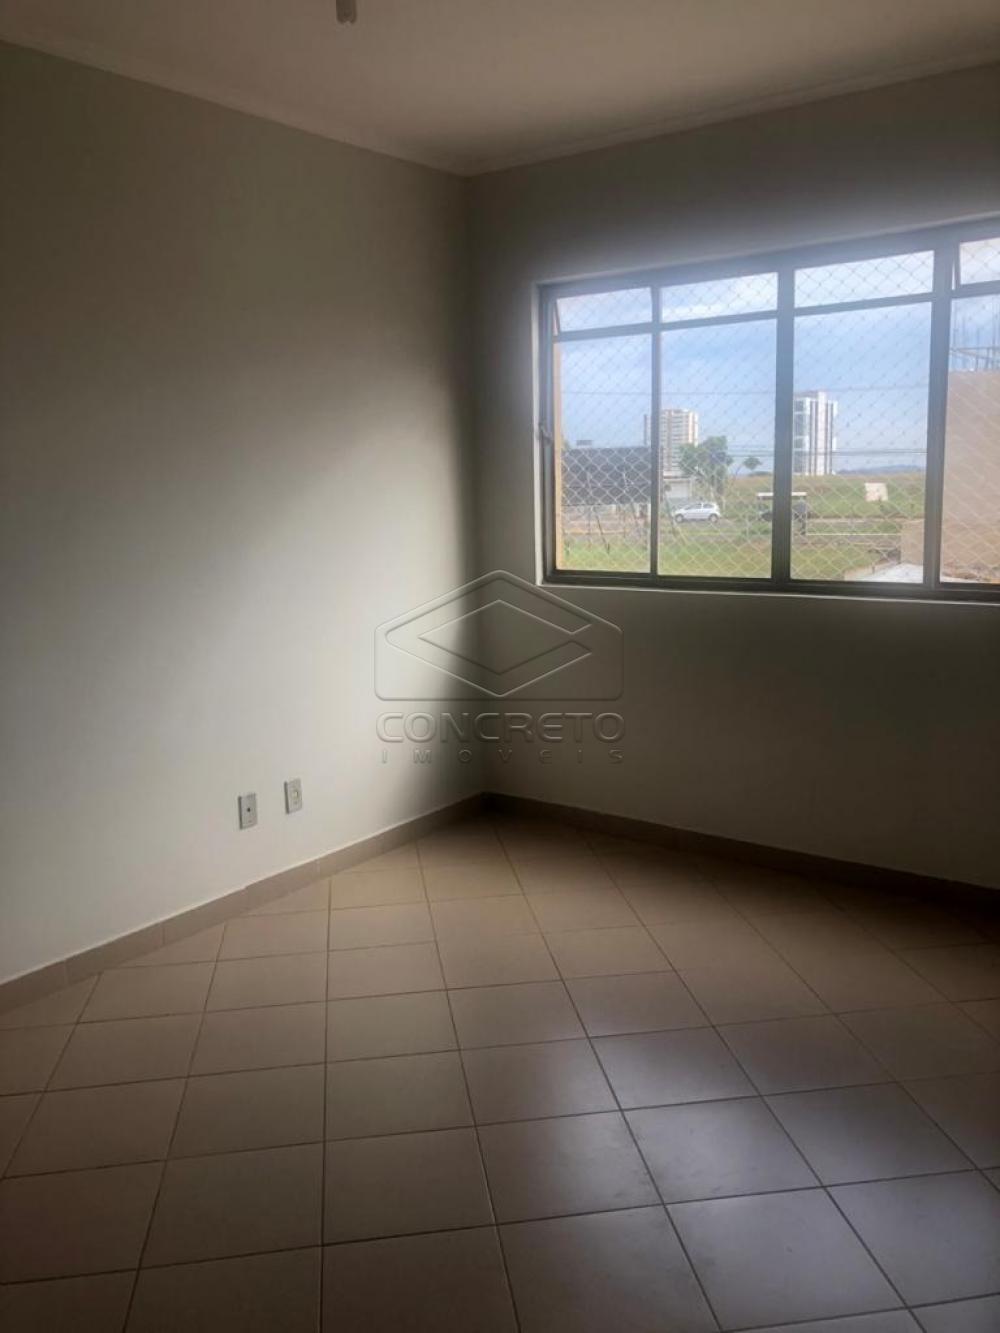 Alugar Apartamento / Padrão em Bauru apenas R$ 800,00 - Foto 13